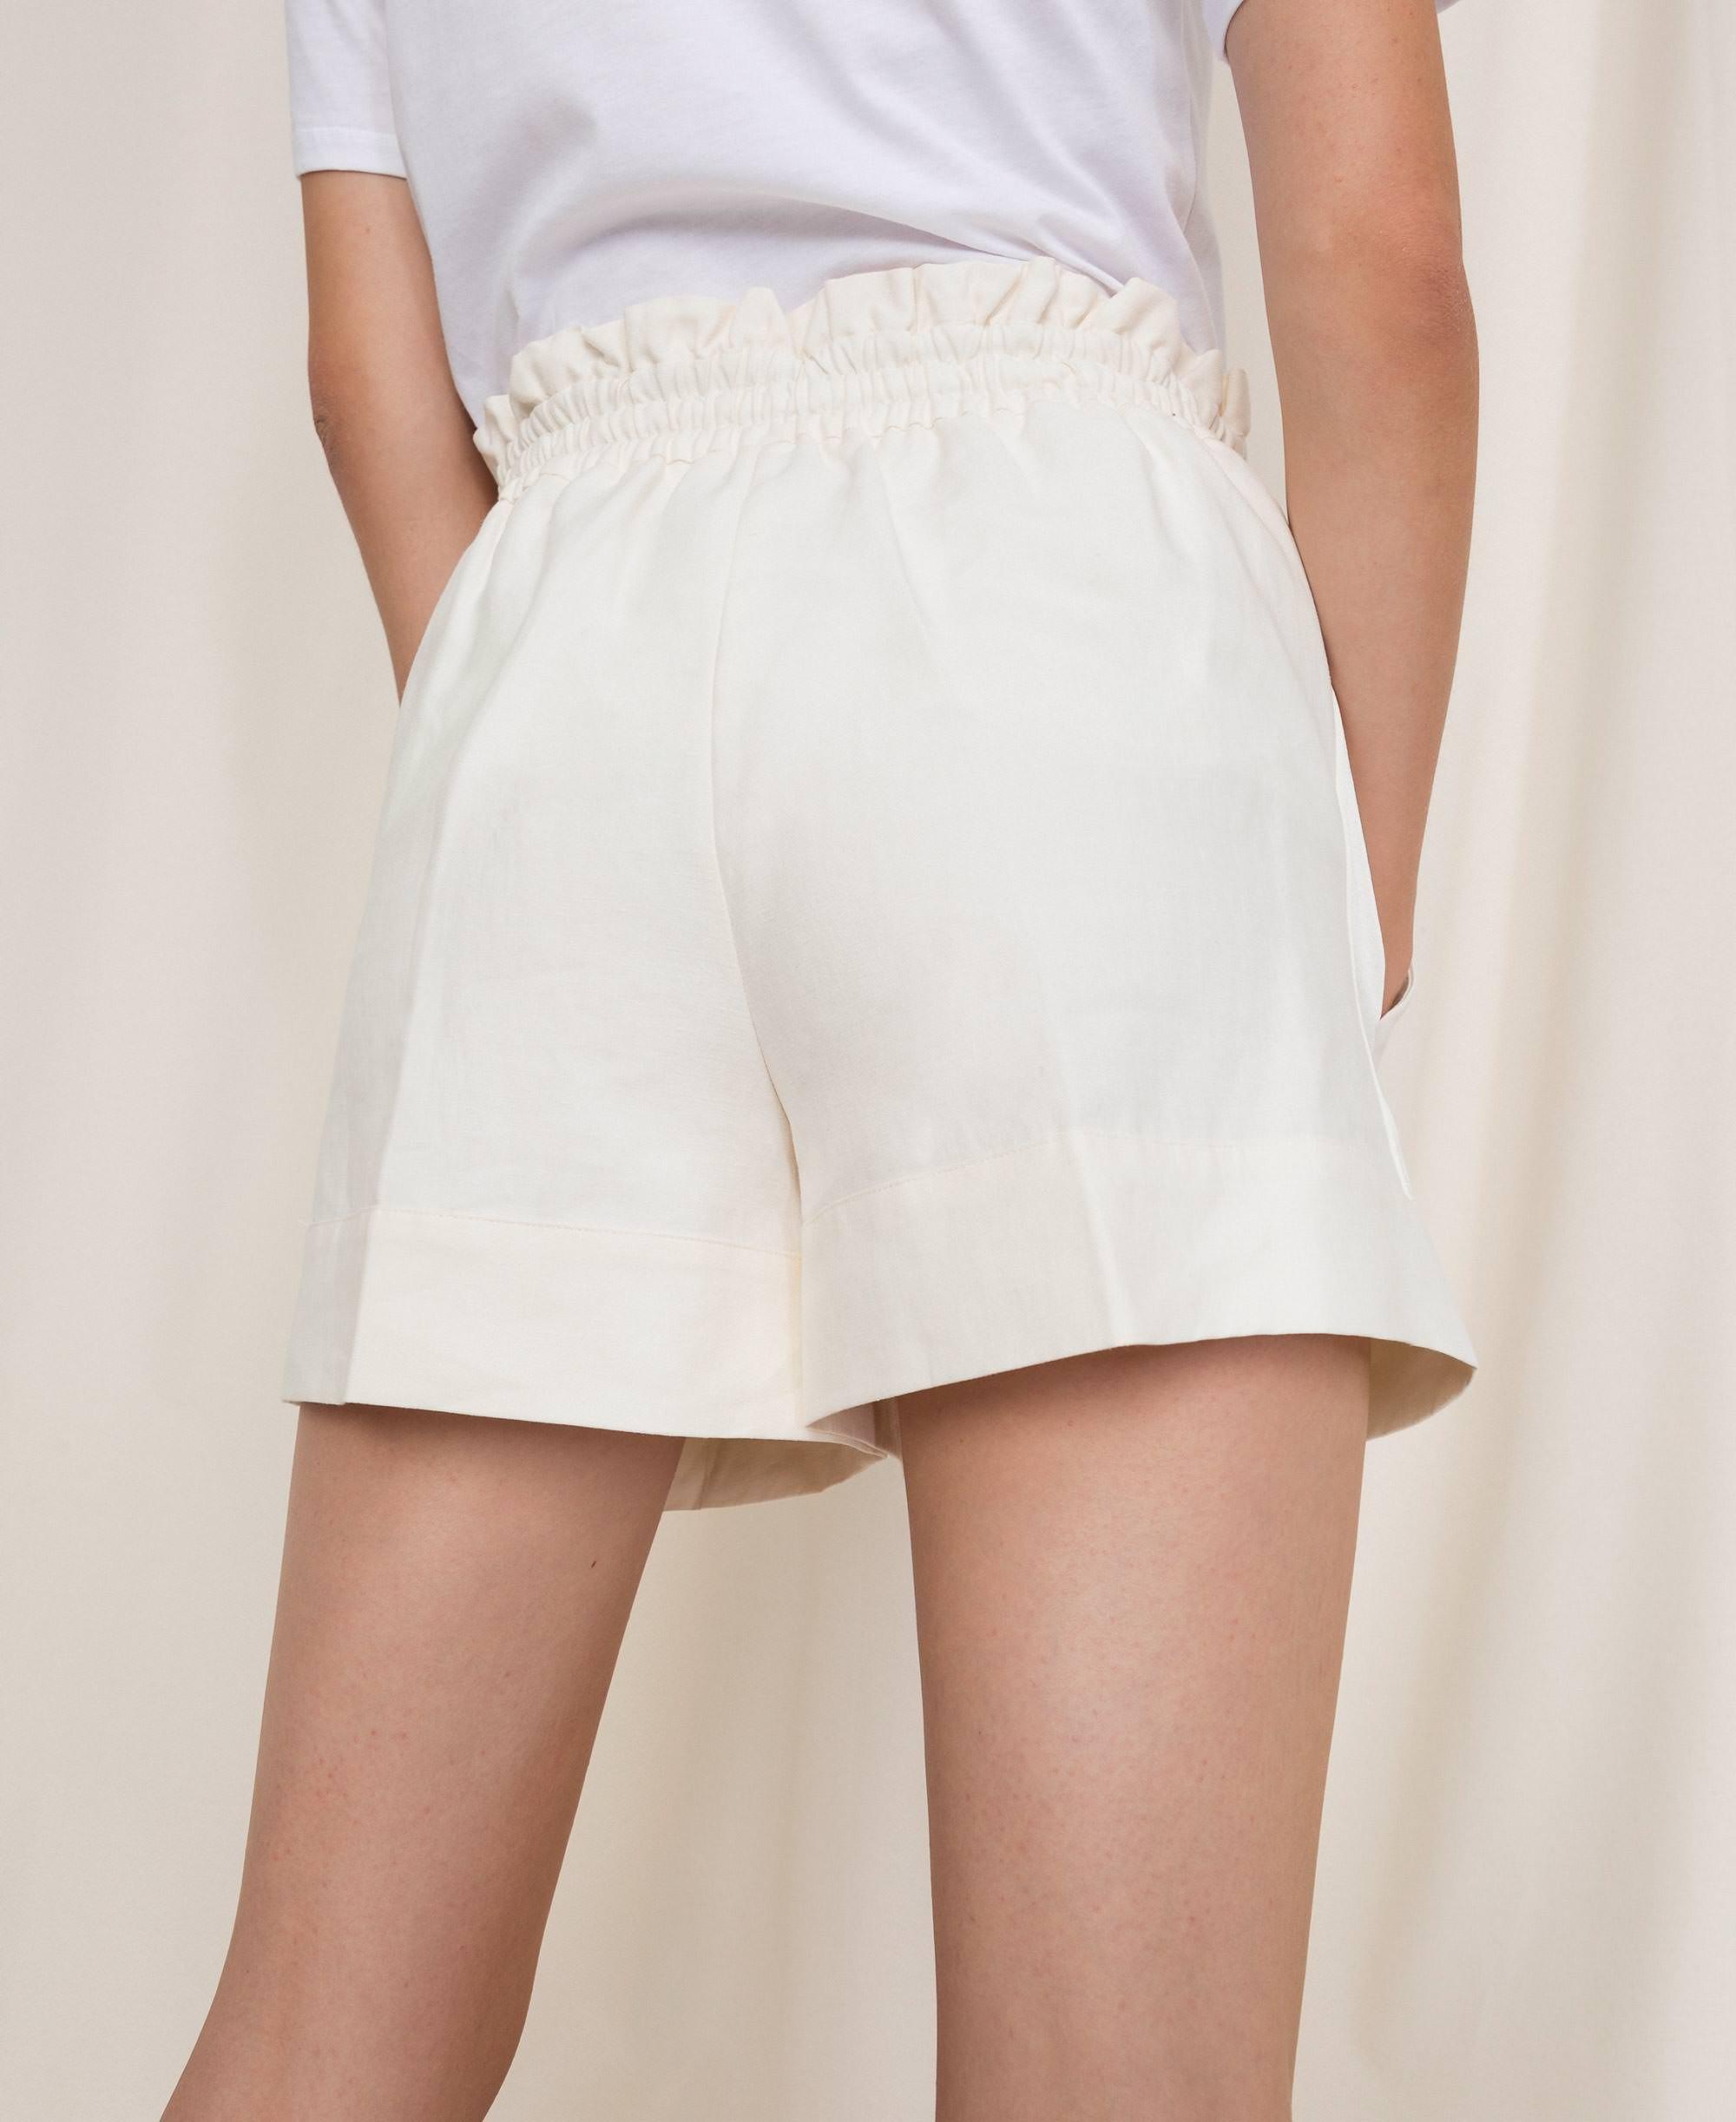 Come Lavare Il Lino shorts in misto lino donna, bianco | twinset milano